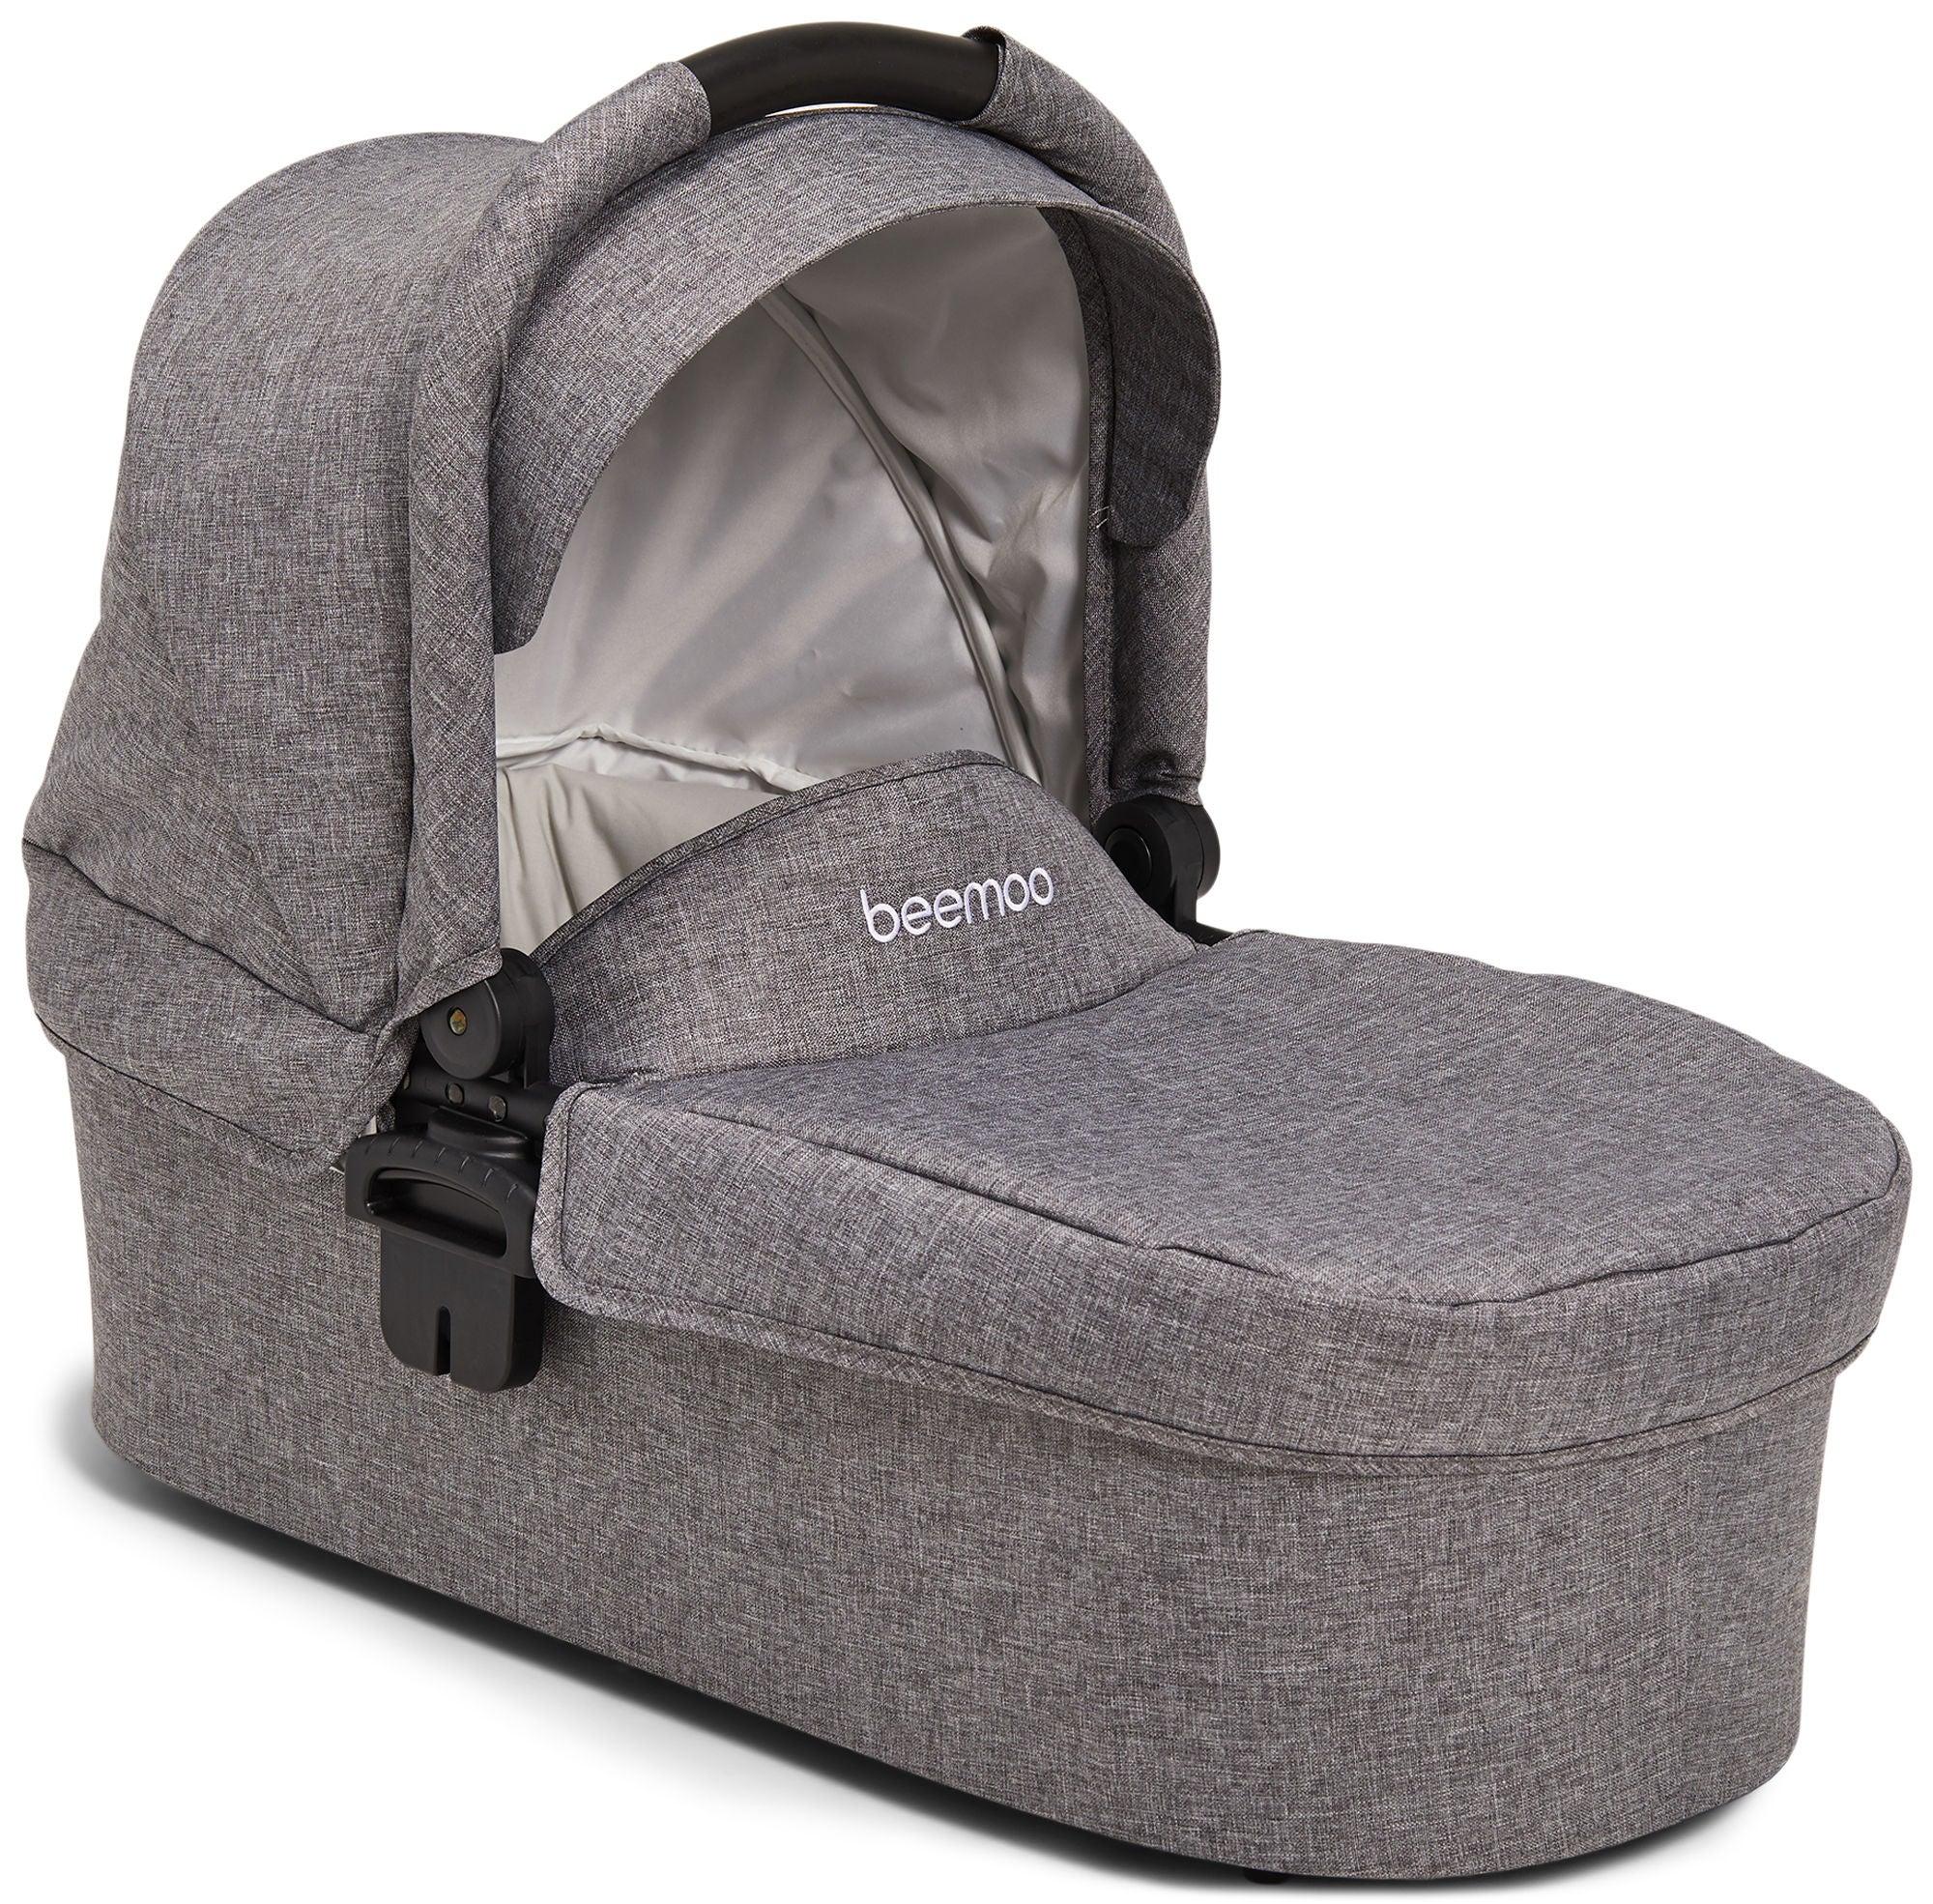 Beemoo Maxi 4 Vaunukoppa, Grey